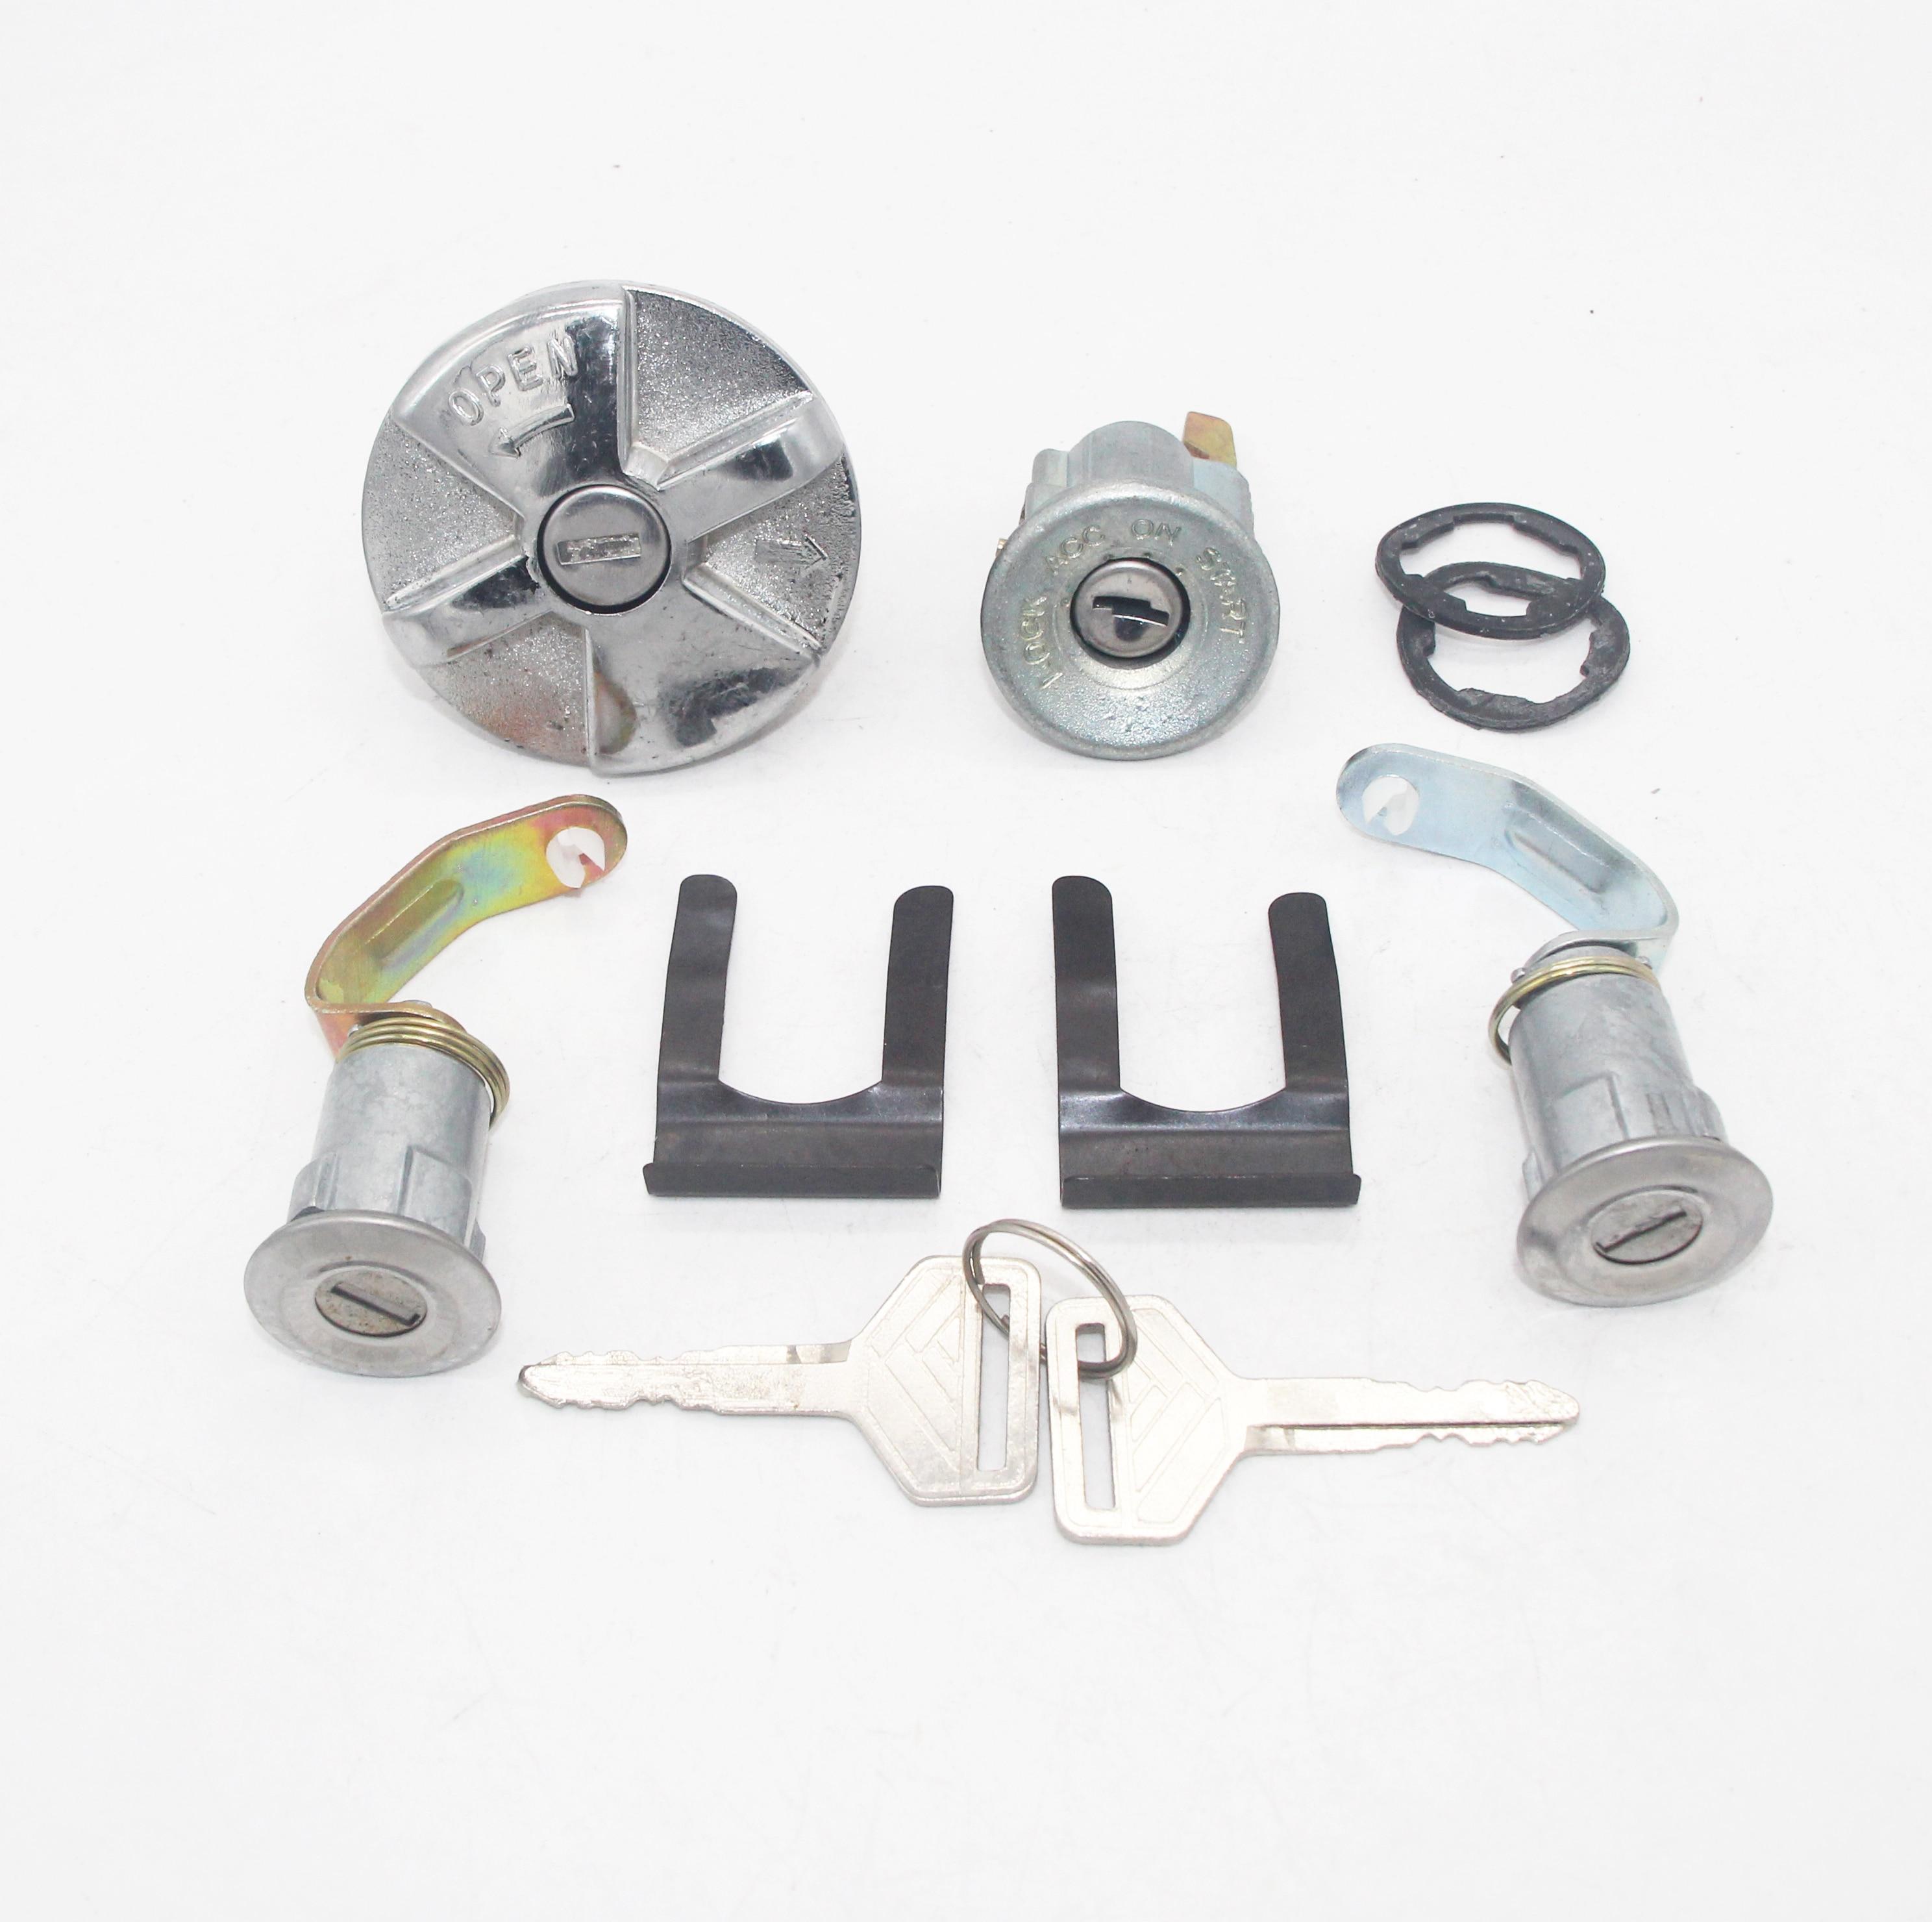 69005-90303 allumage baril clé interrupteur serrure de porte ensemble serrure à gaz pour TOYOTA LAND CRUISER série FJ40